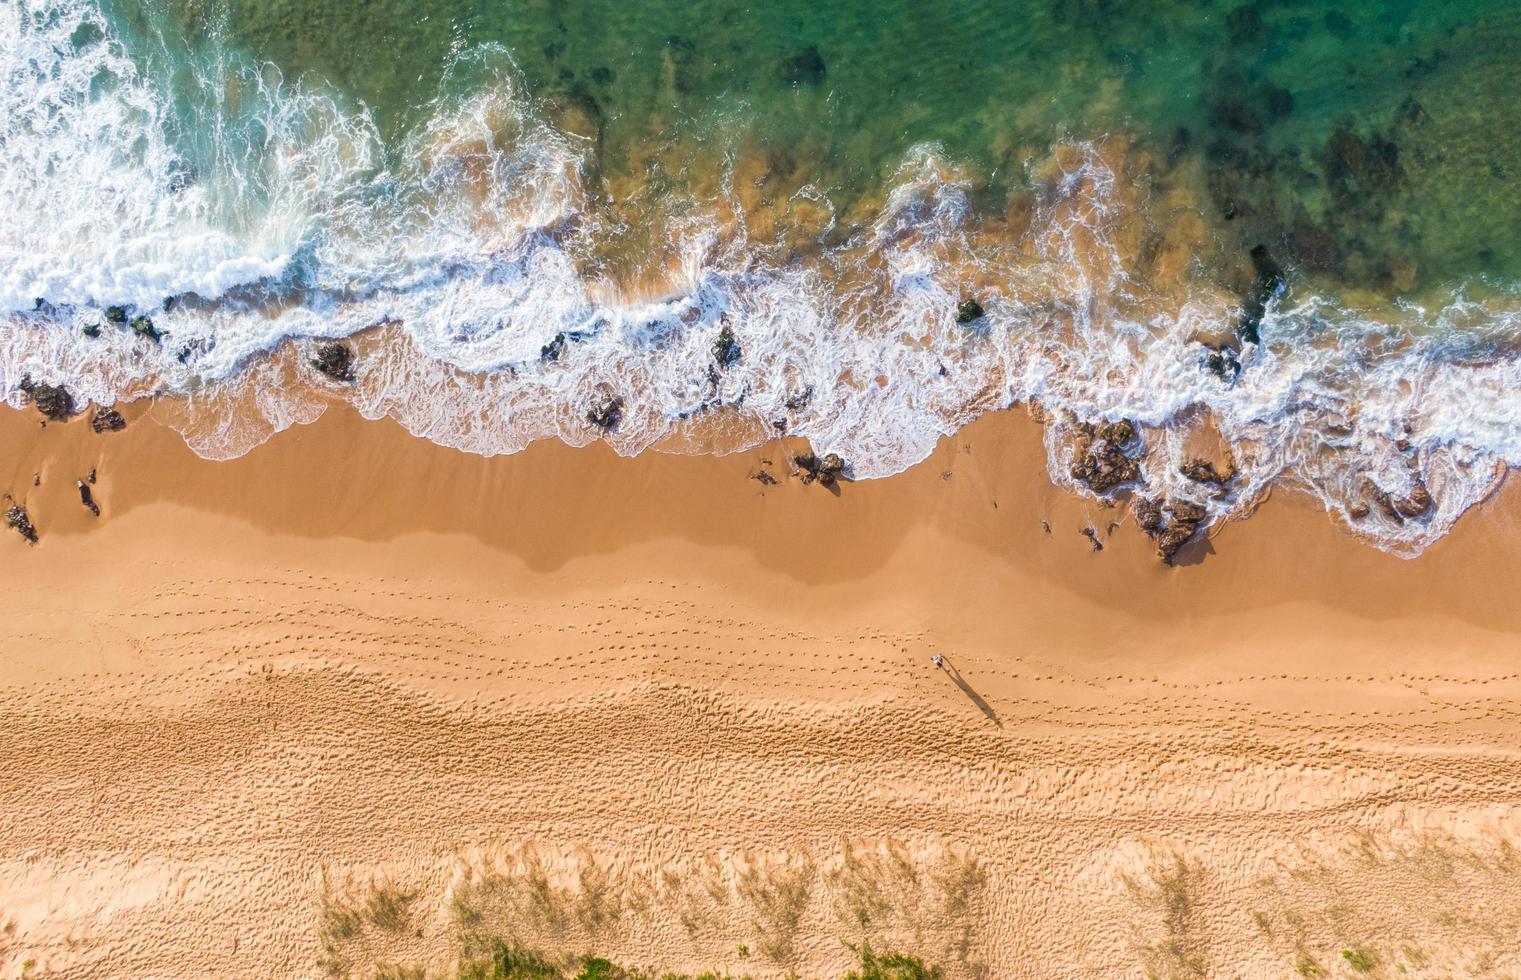 vue aérienne de la plage pendant la journée photo